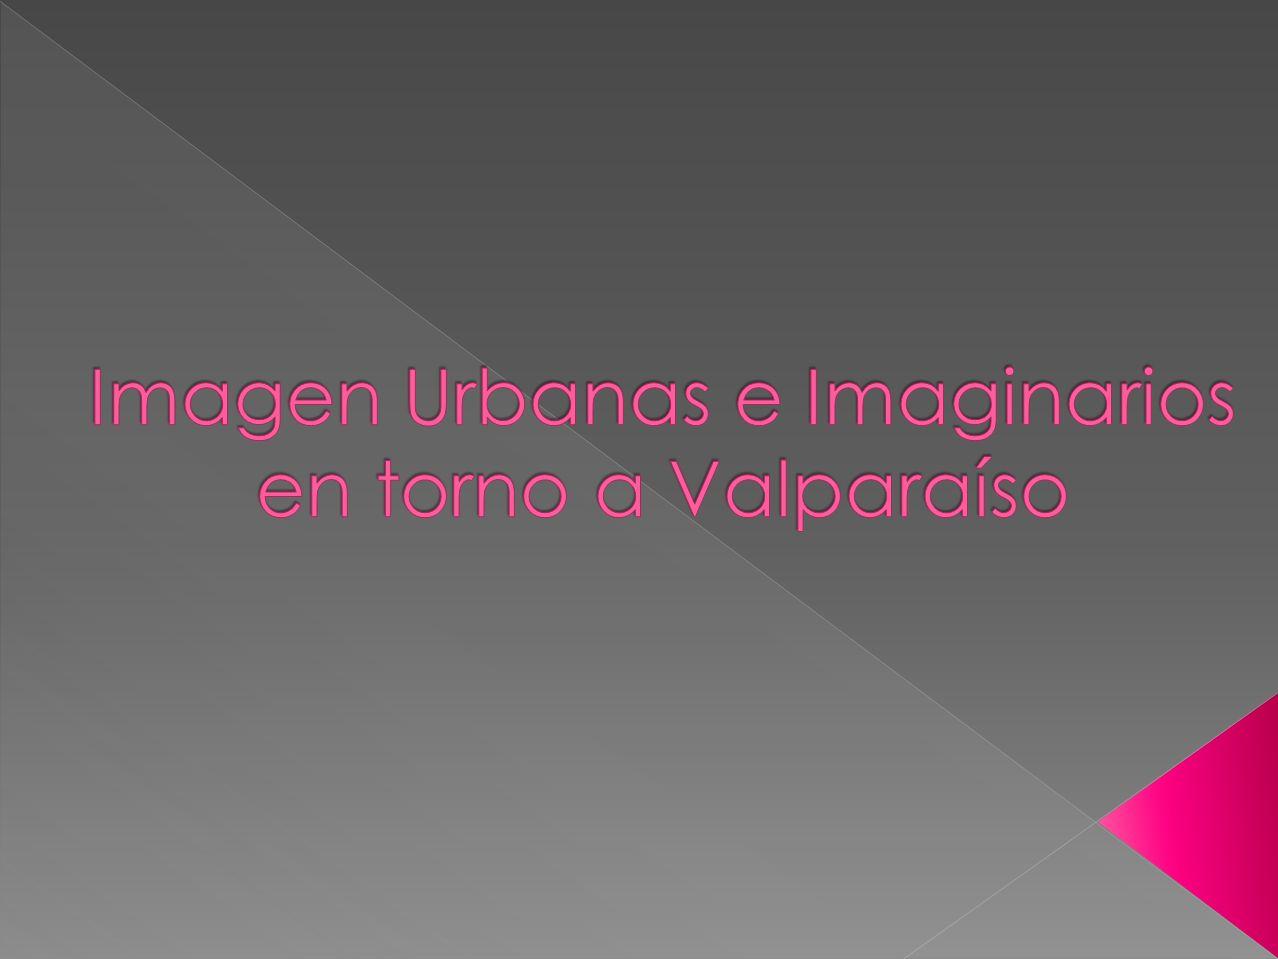 Imagen Urbanas e Imaginarios en torno a Valparaíso